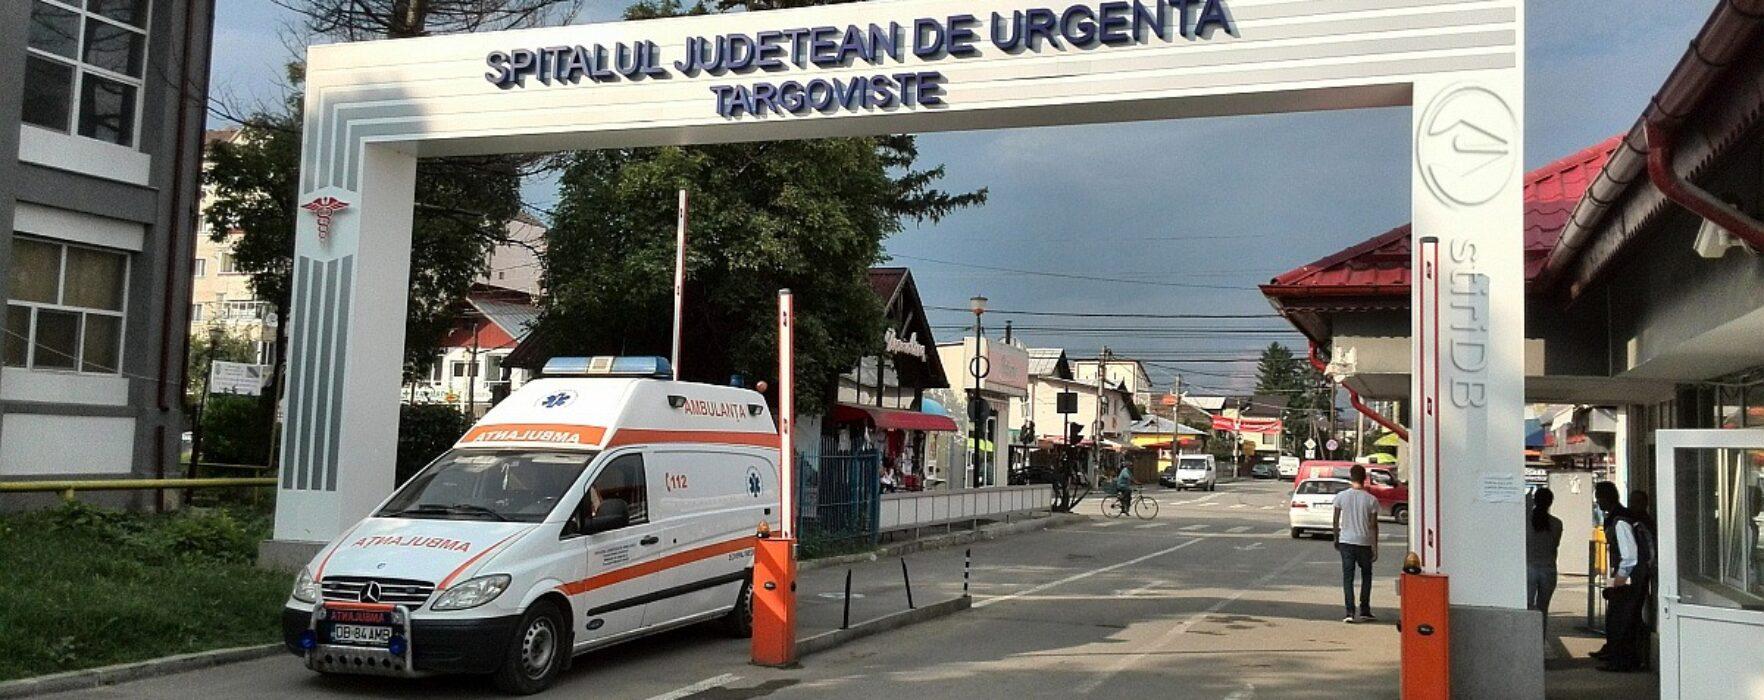 Dâmboviţa: Spitalul Judeţean Târgovişte anunţă că asistenta care a bruscat un bebeluş a fost concediată